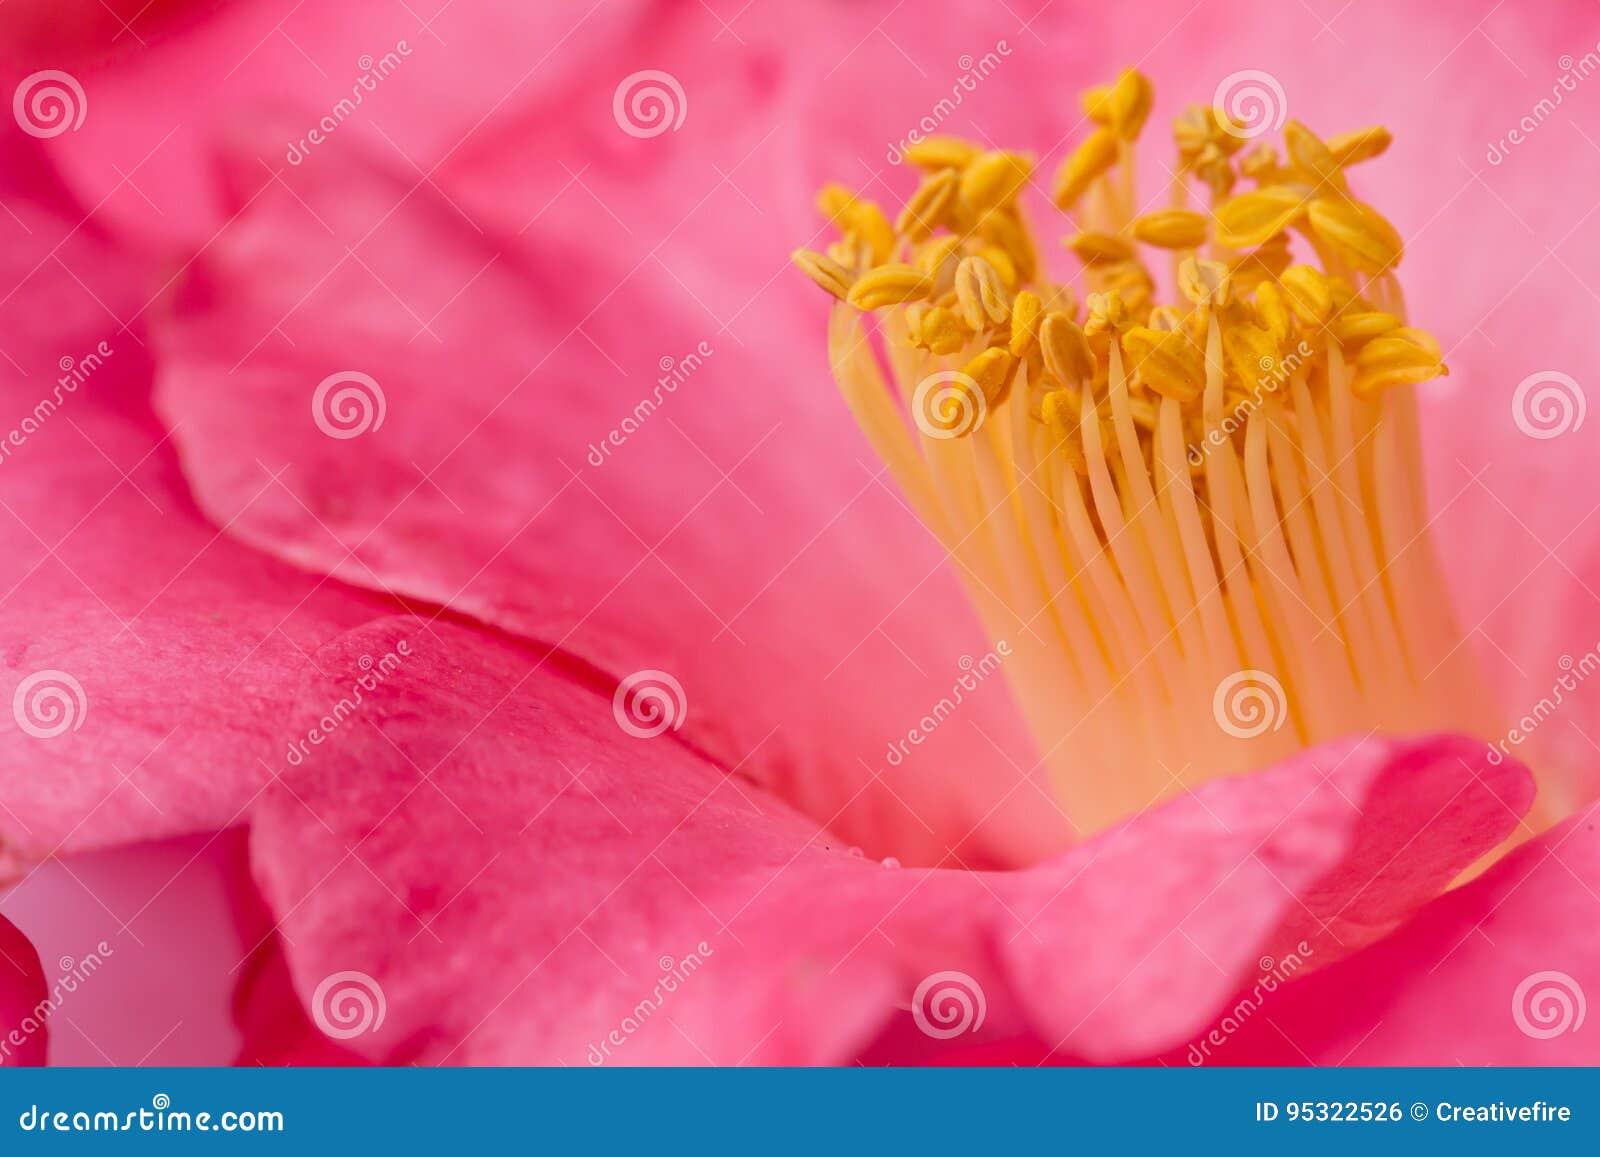 fleur rose de camélia - macro - plan rapproché avec l'étamine